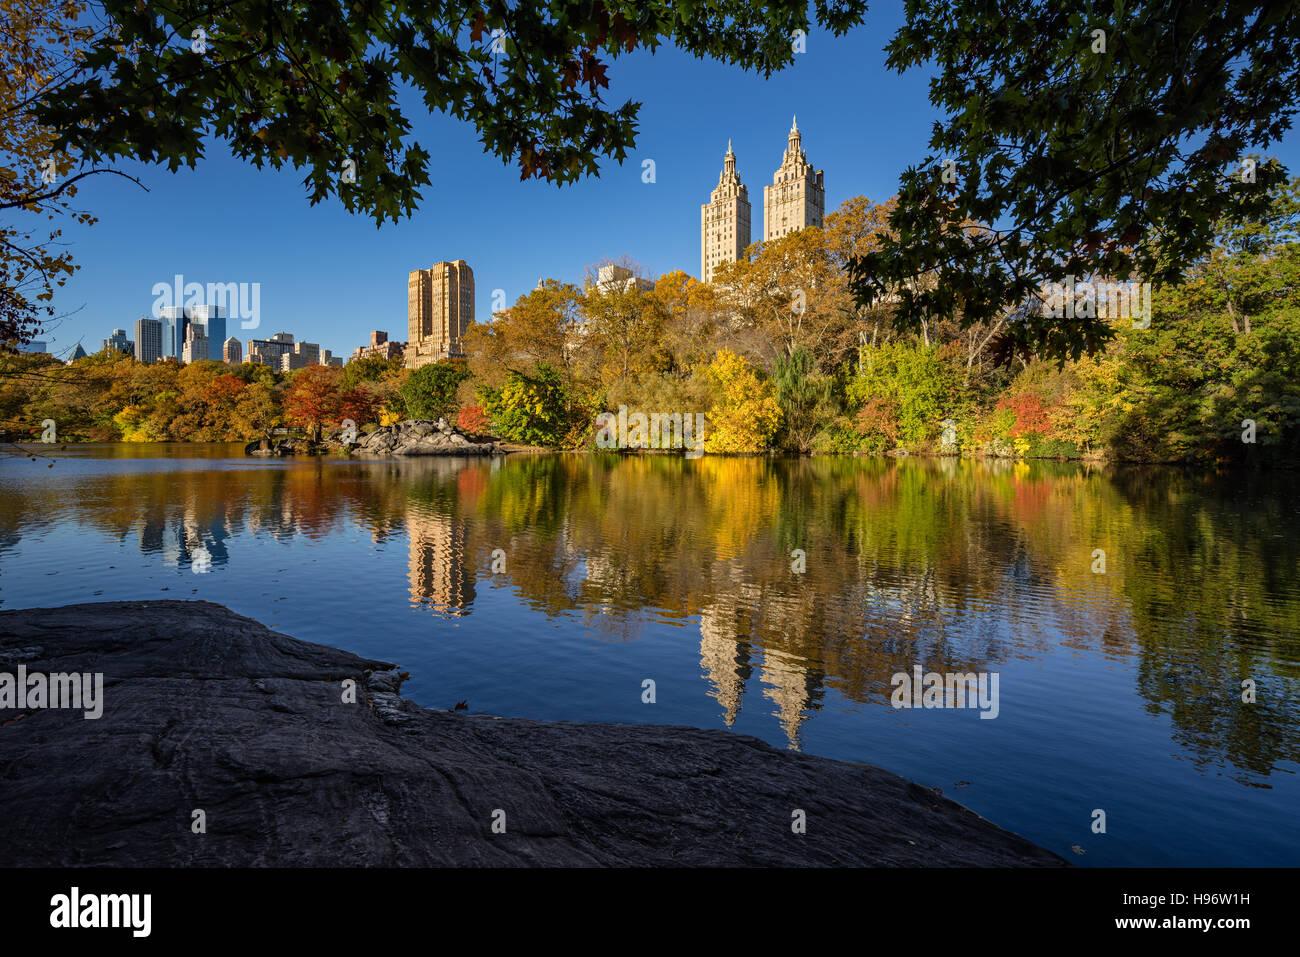 Automne dans Central Park, au bord du lac. Lever du soleil sur la ville colorée avec feuillage de l'automne Photo Stock